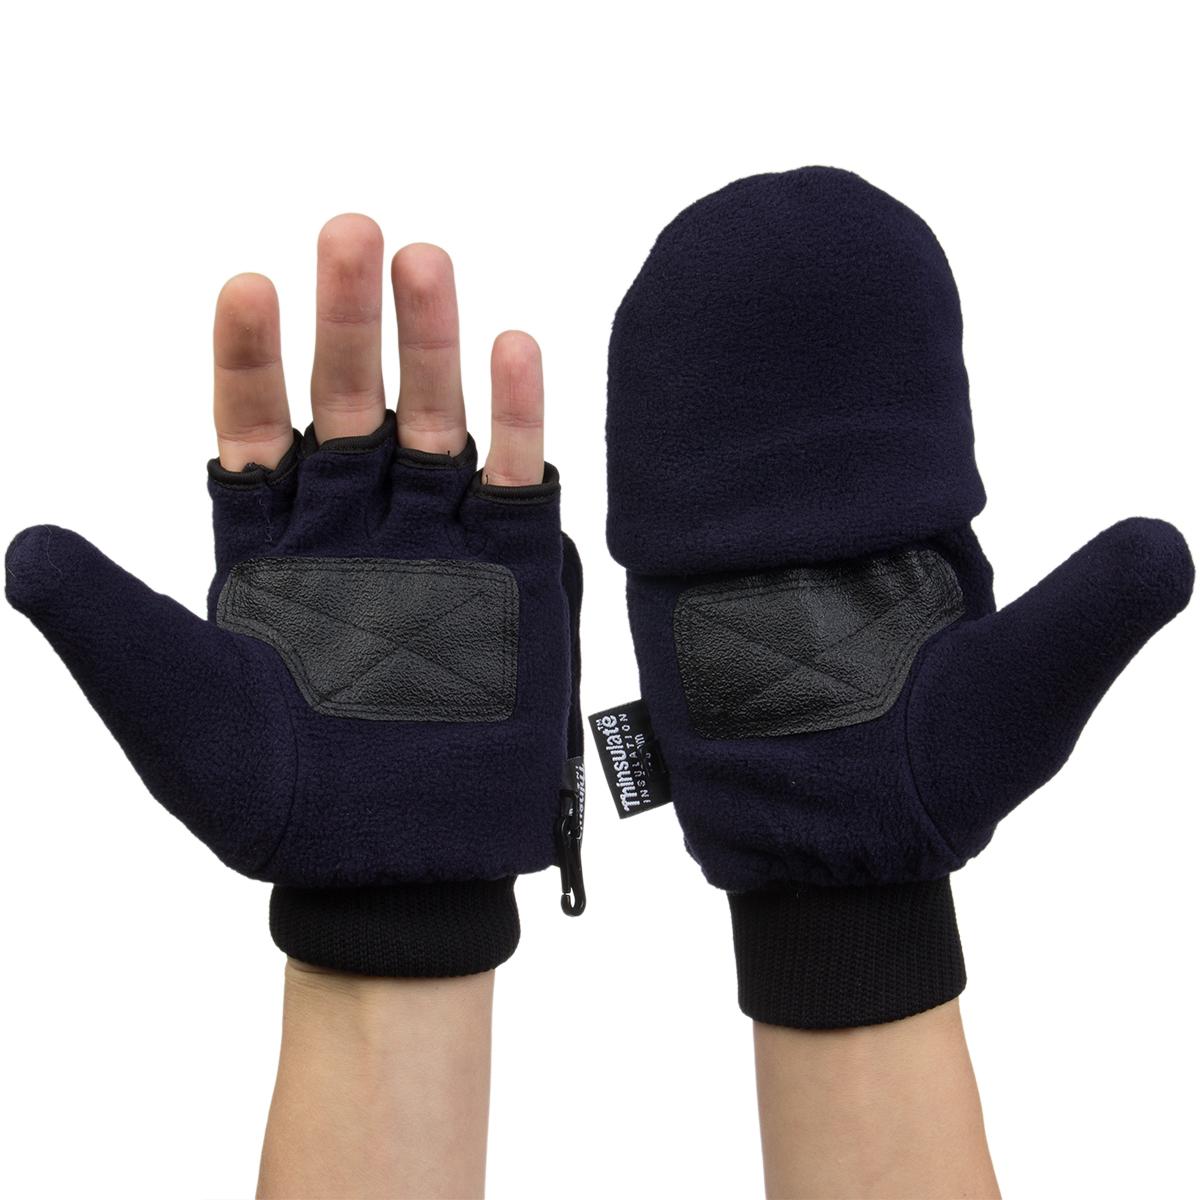 3M Thinsulate Fleece Pop Top Convertible Fingerless Gloves ...